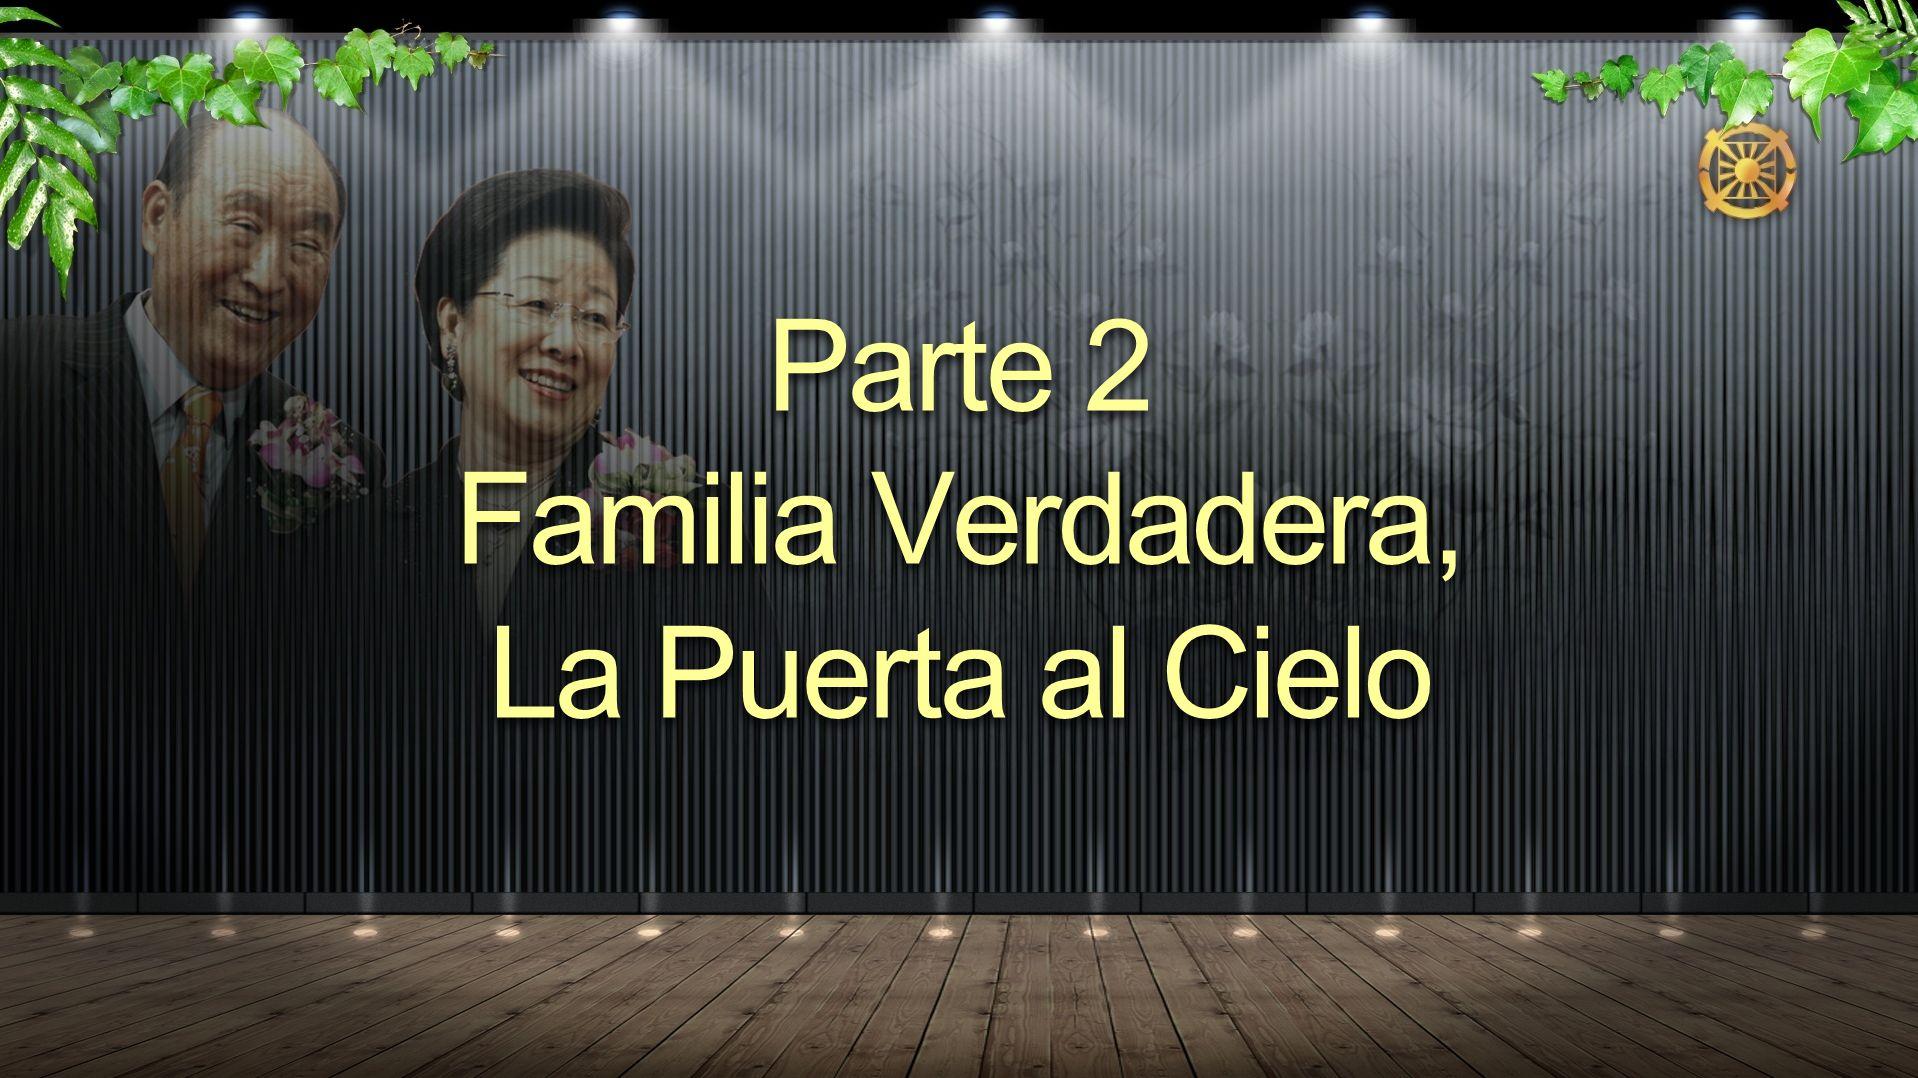 Parte 2 Familia Verdadera, La Puerta al Cielo